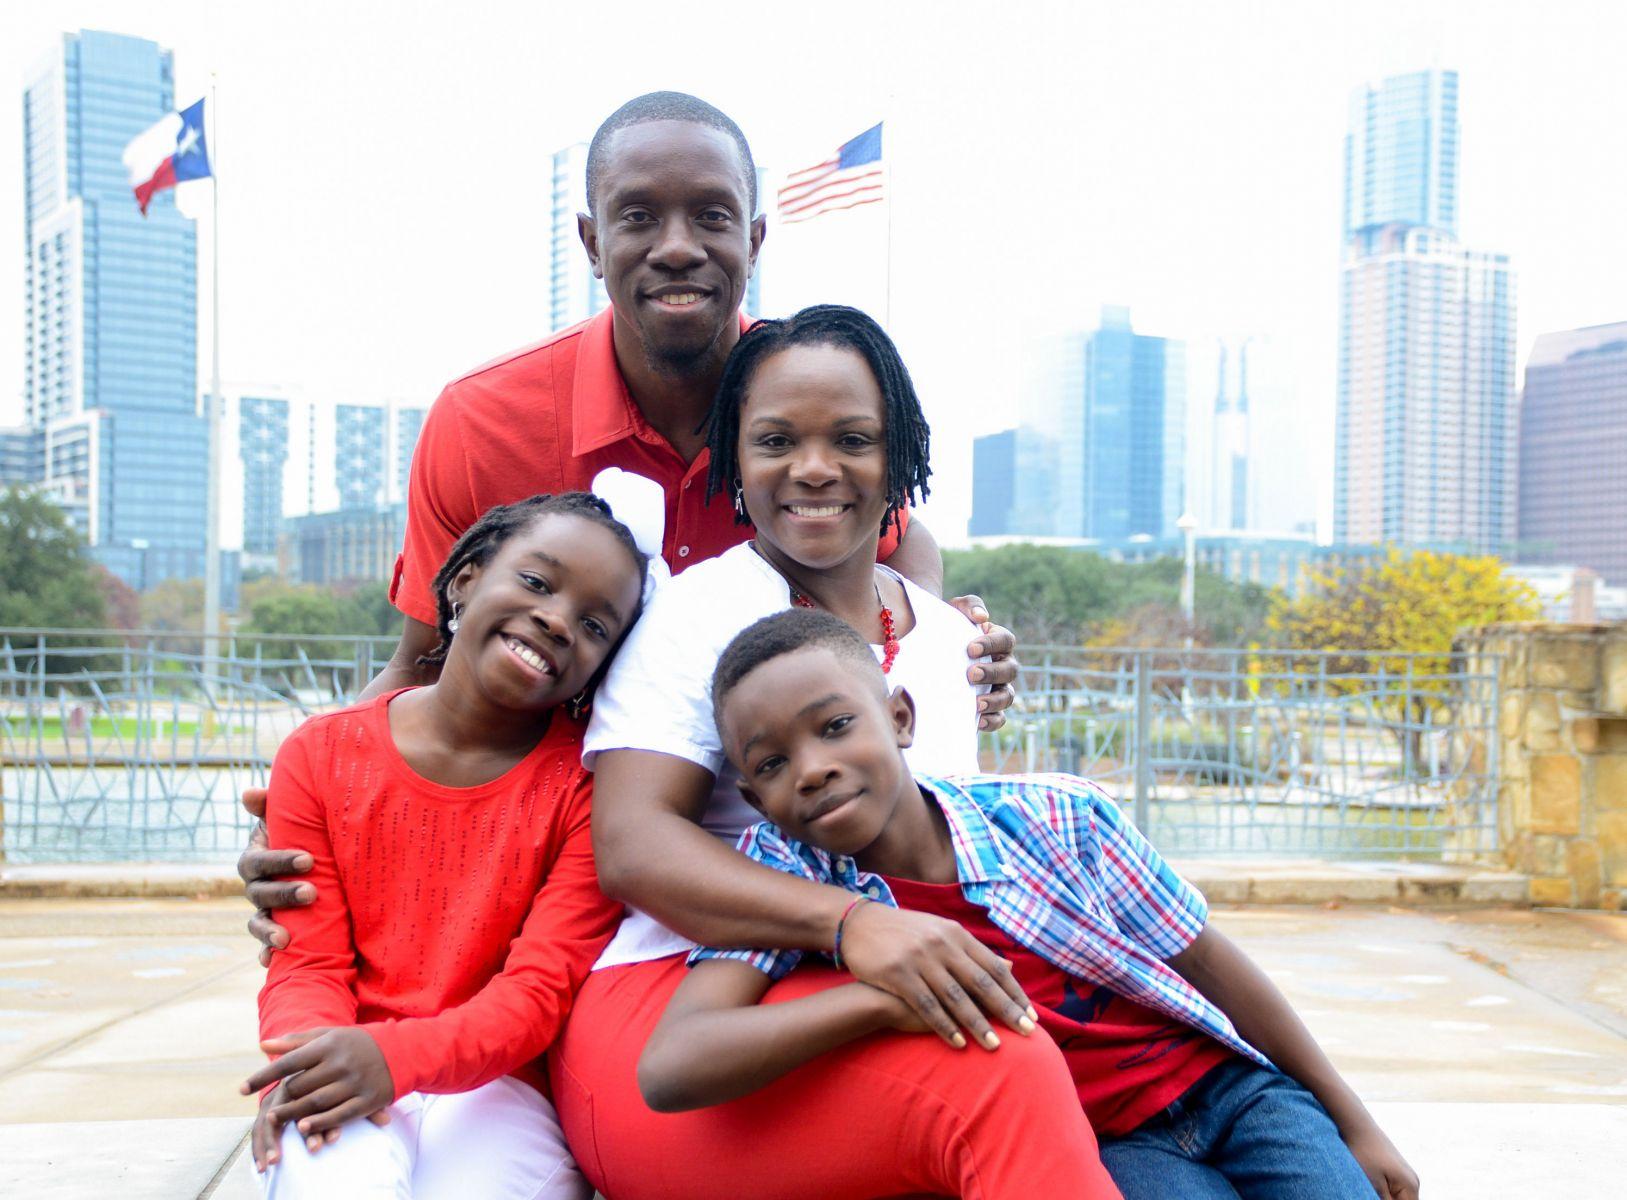 圖說:家人的支持與愛護是Mikaila創業最堅強的後盾 (圖片截取:ESSENCE)